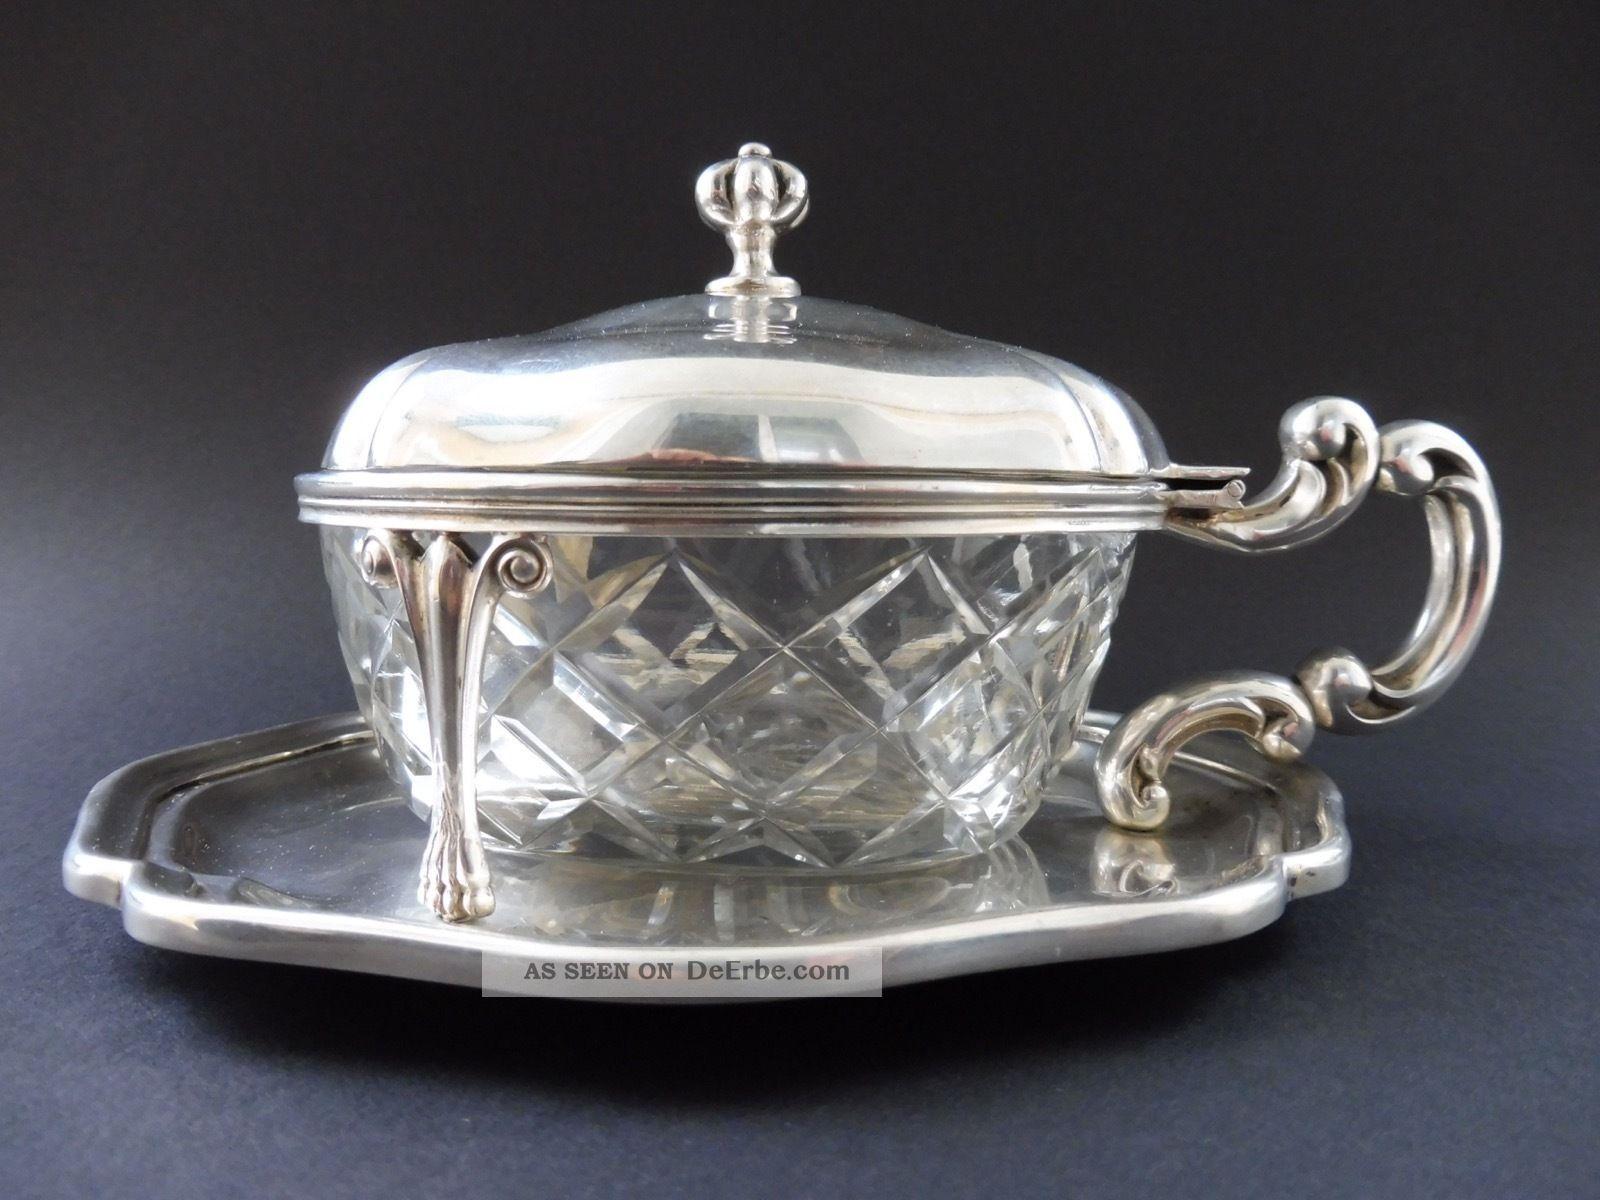 800 Silber Jugendstil Art Deco Honig KonfitÜre Dose Art Nouveau Vessel Glas Top Objekte vor 1945 Bild